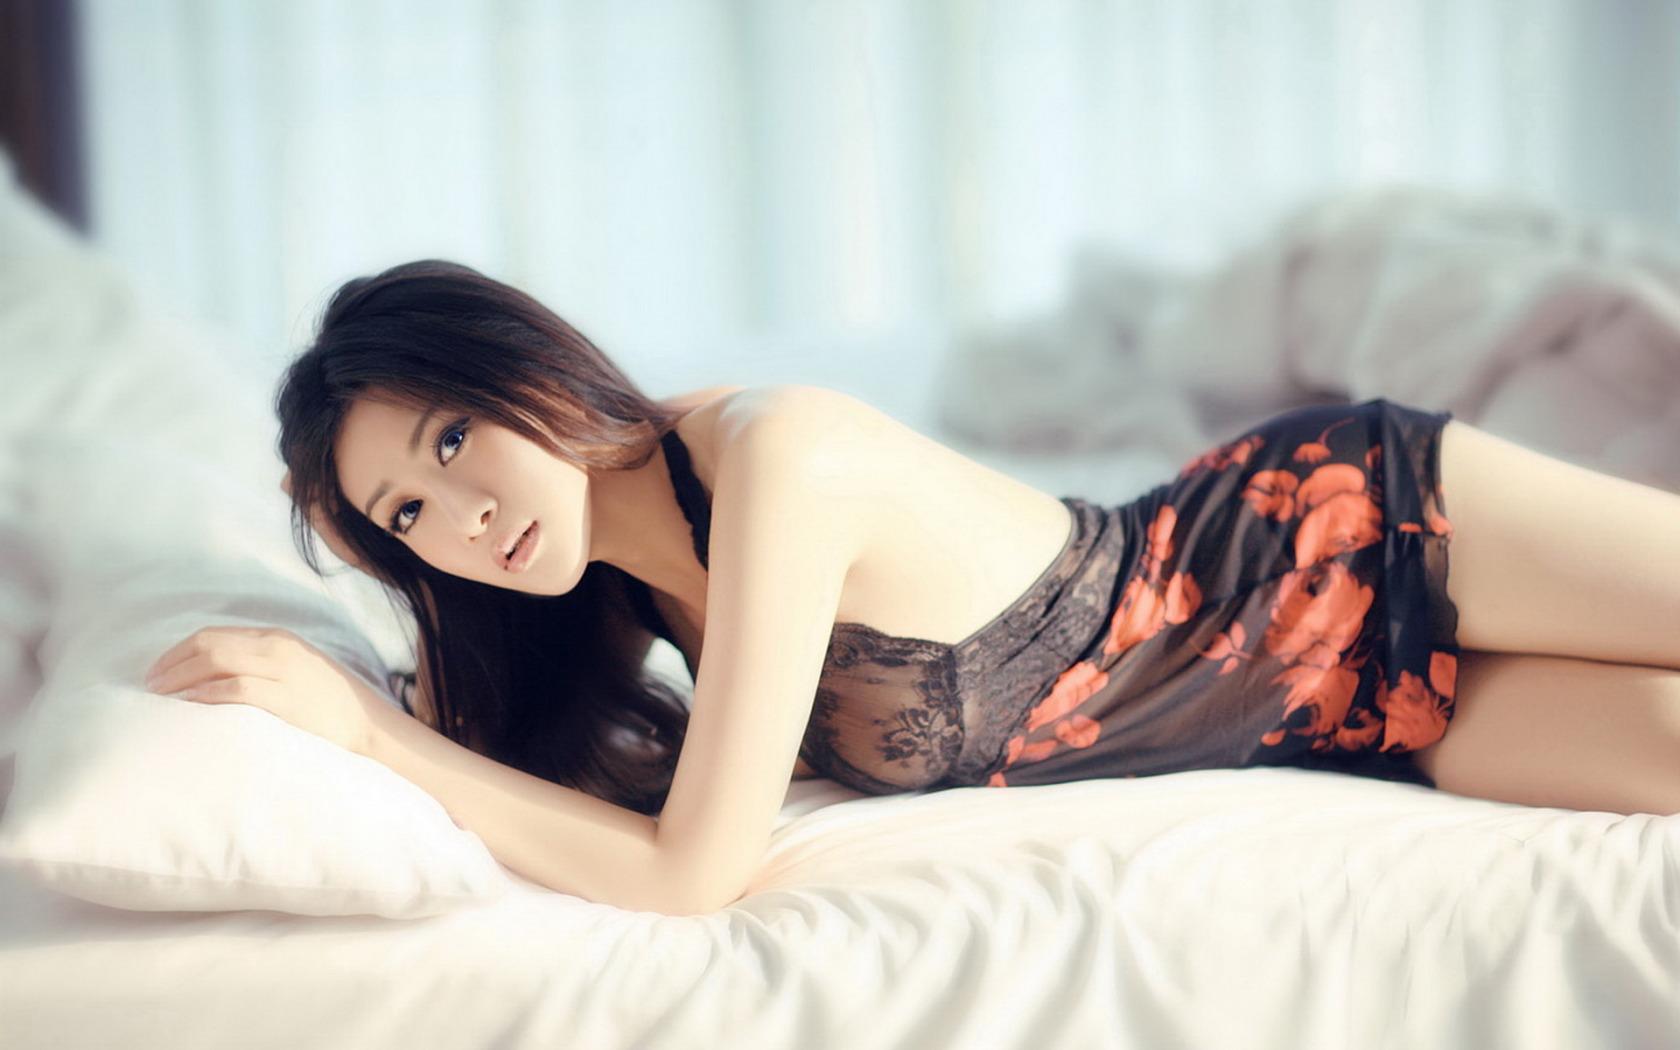 Hot Oriental Women Uk